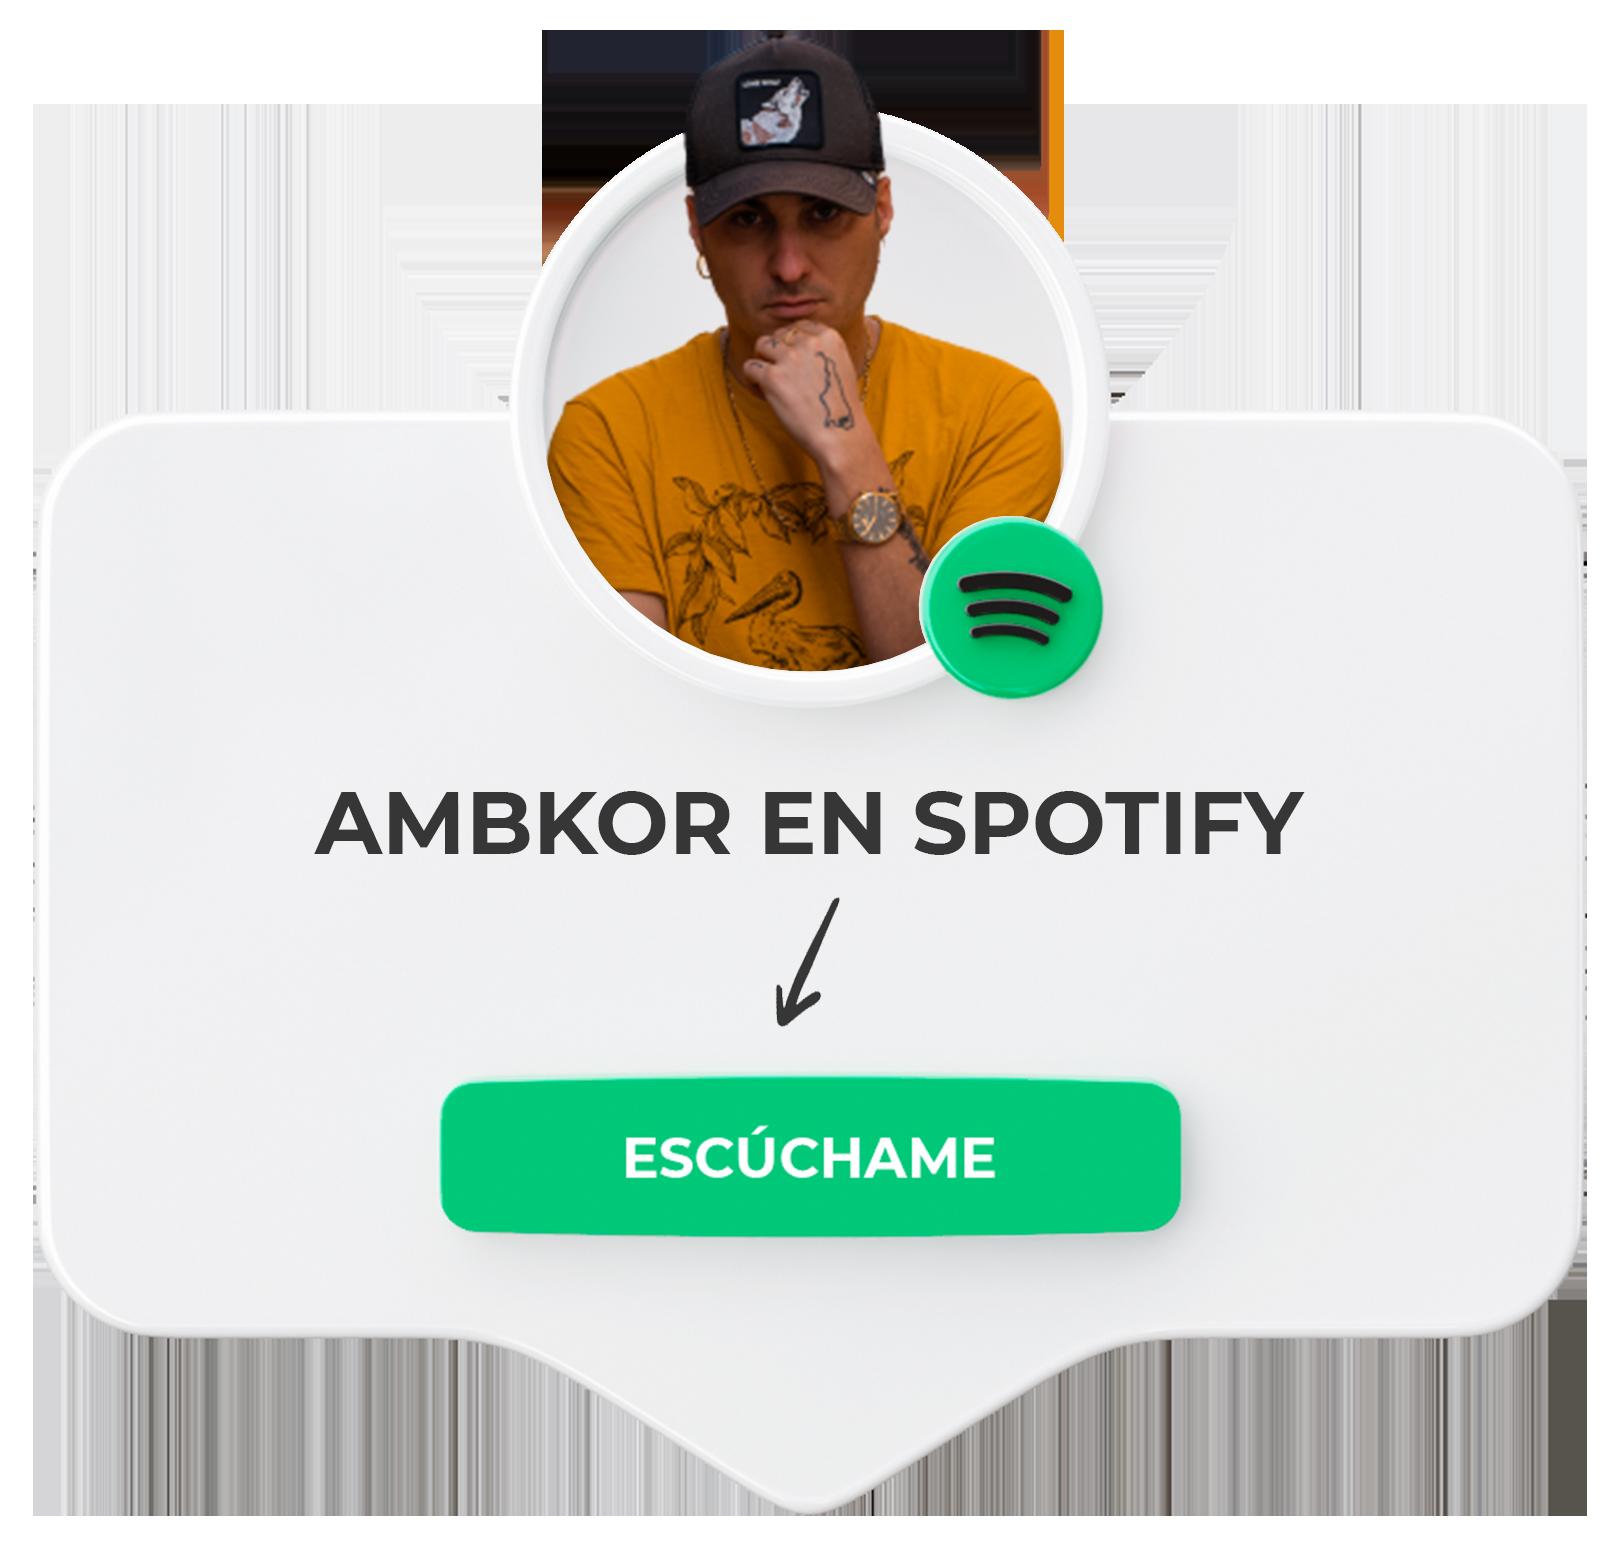 Ambkor en Spotify